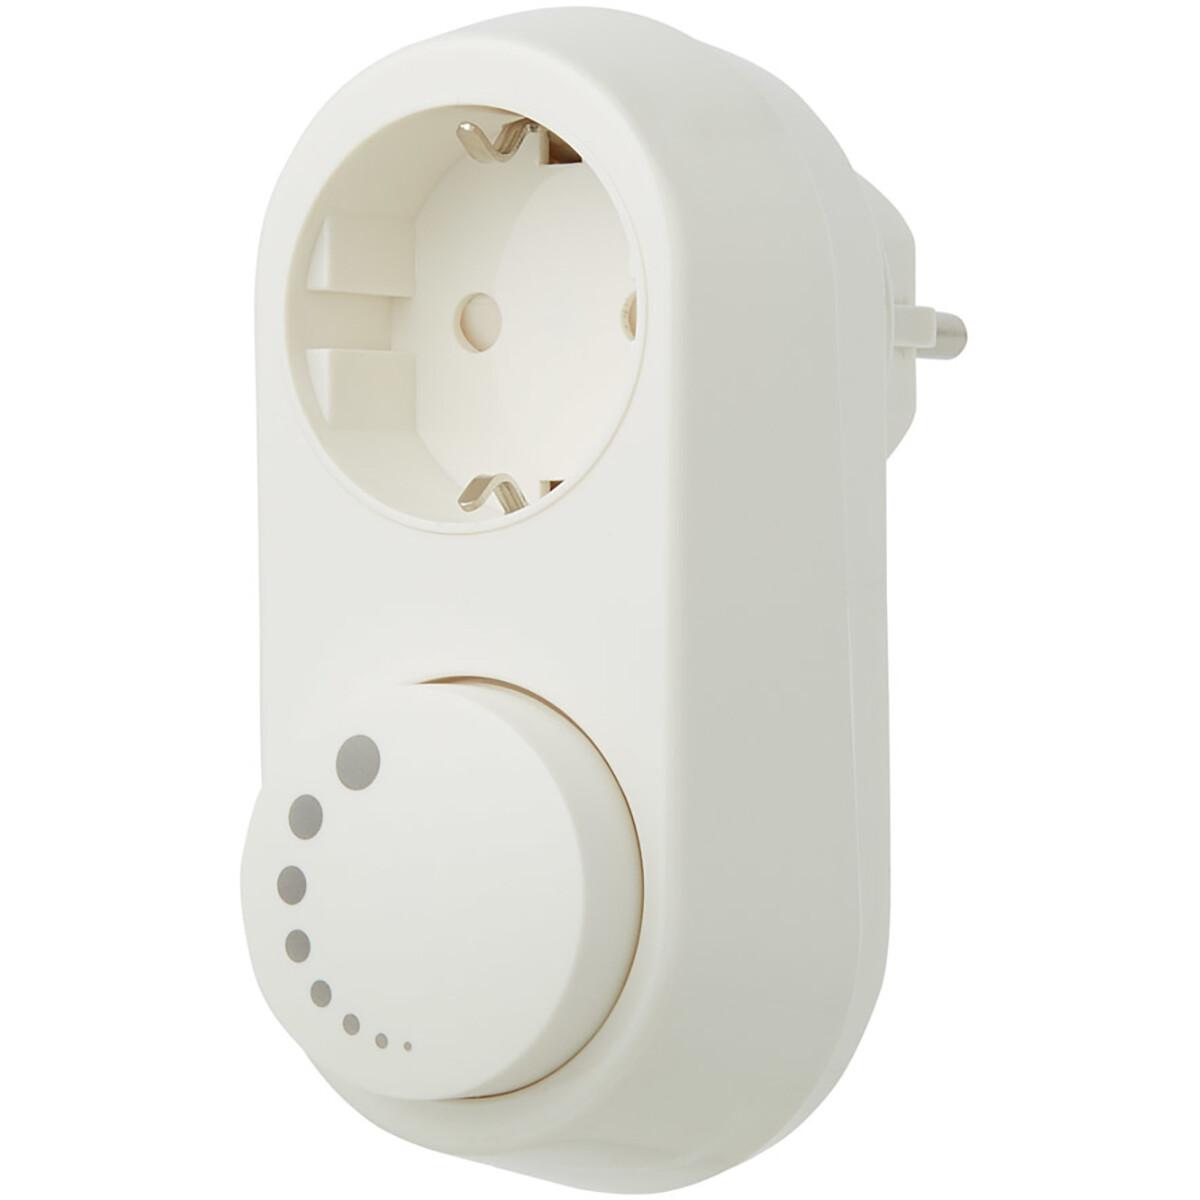 EcoDim - LED Stekkerdimmer - Smart WiFi - ECO-DIM.06 - Fase Afsnijding RC - ZigBee - Opbouw - Enkel